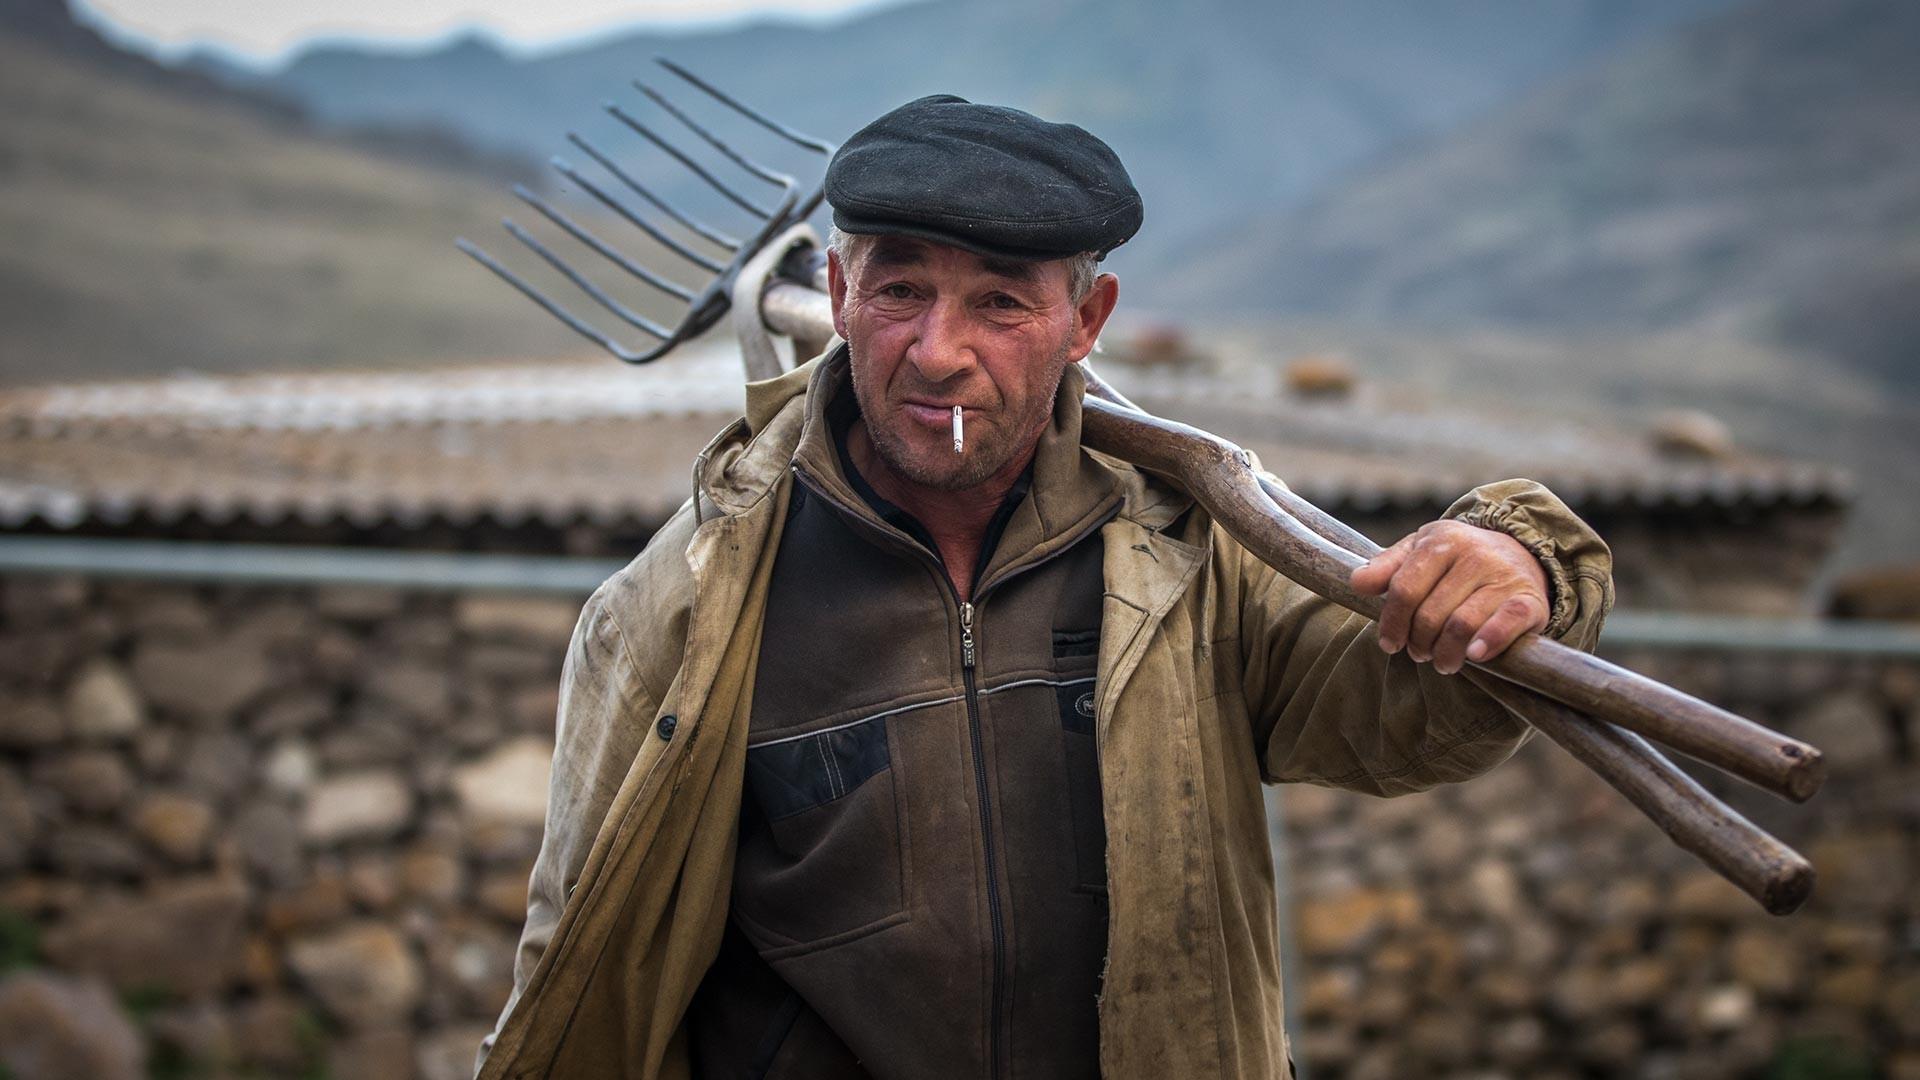 Kabardino-Balkar Republic. A local in the village of Eltyubyu.